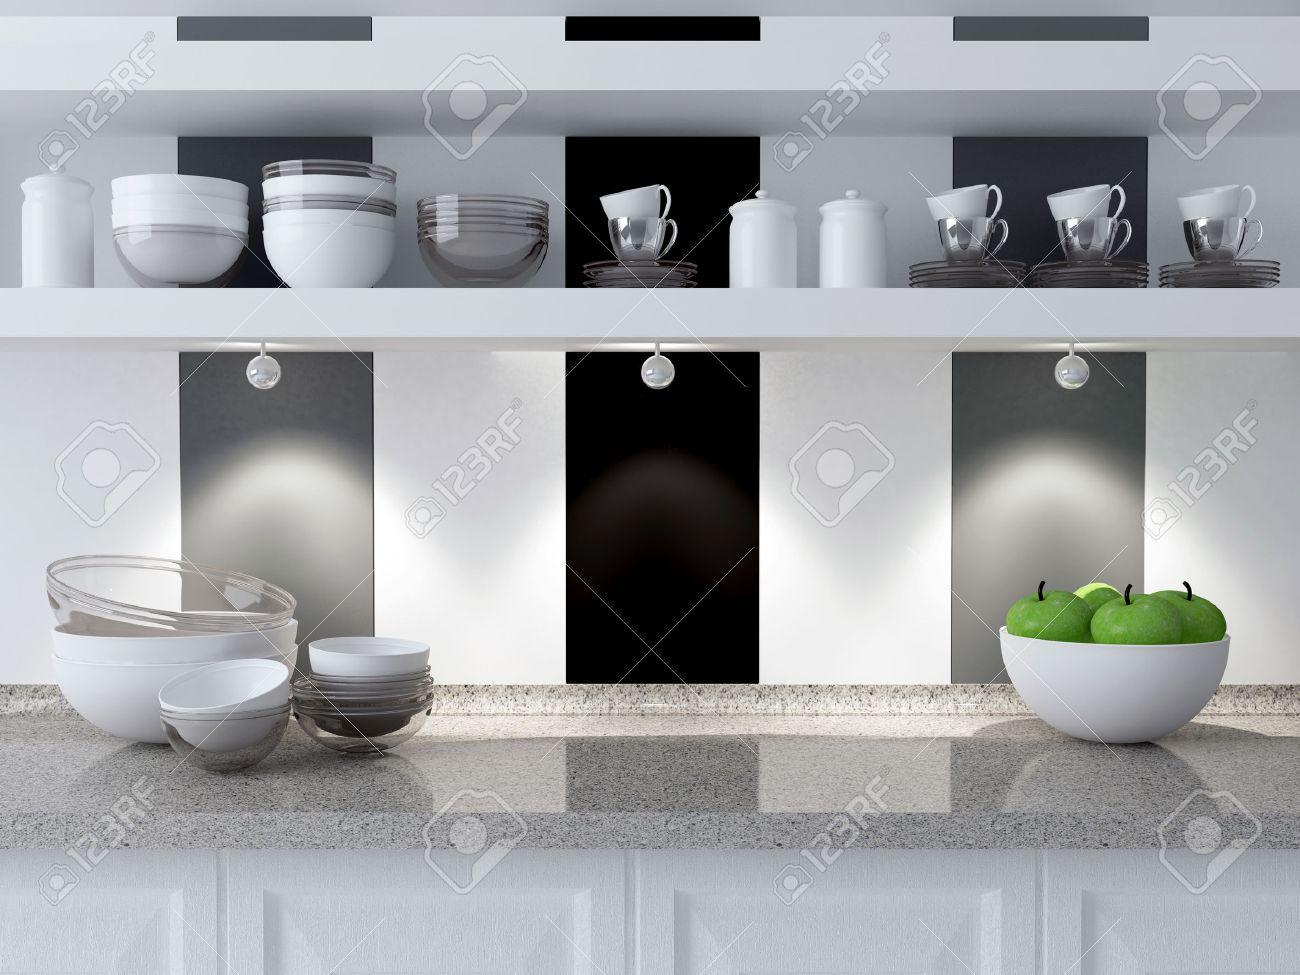 Moderne Küche Design. Keramik Geschirr Auf Dem Marmor ...